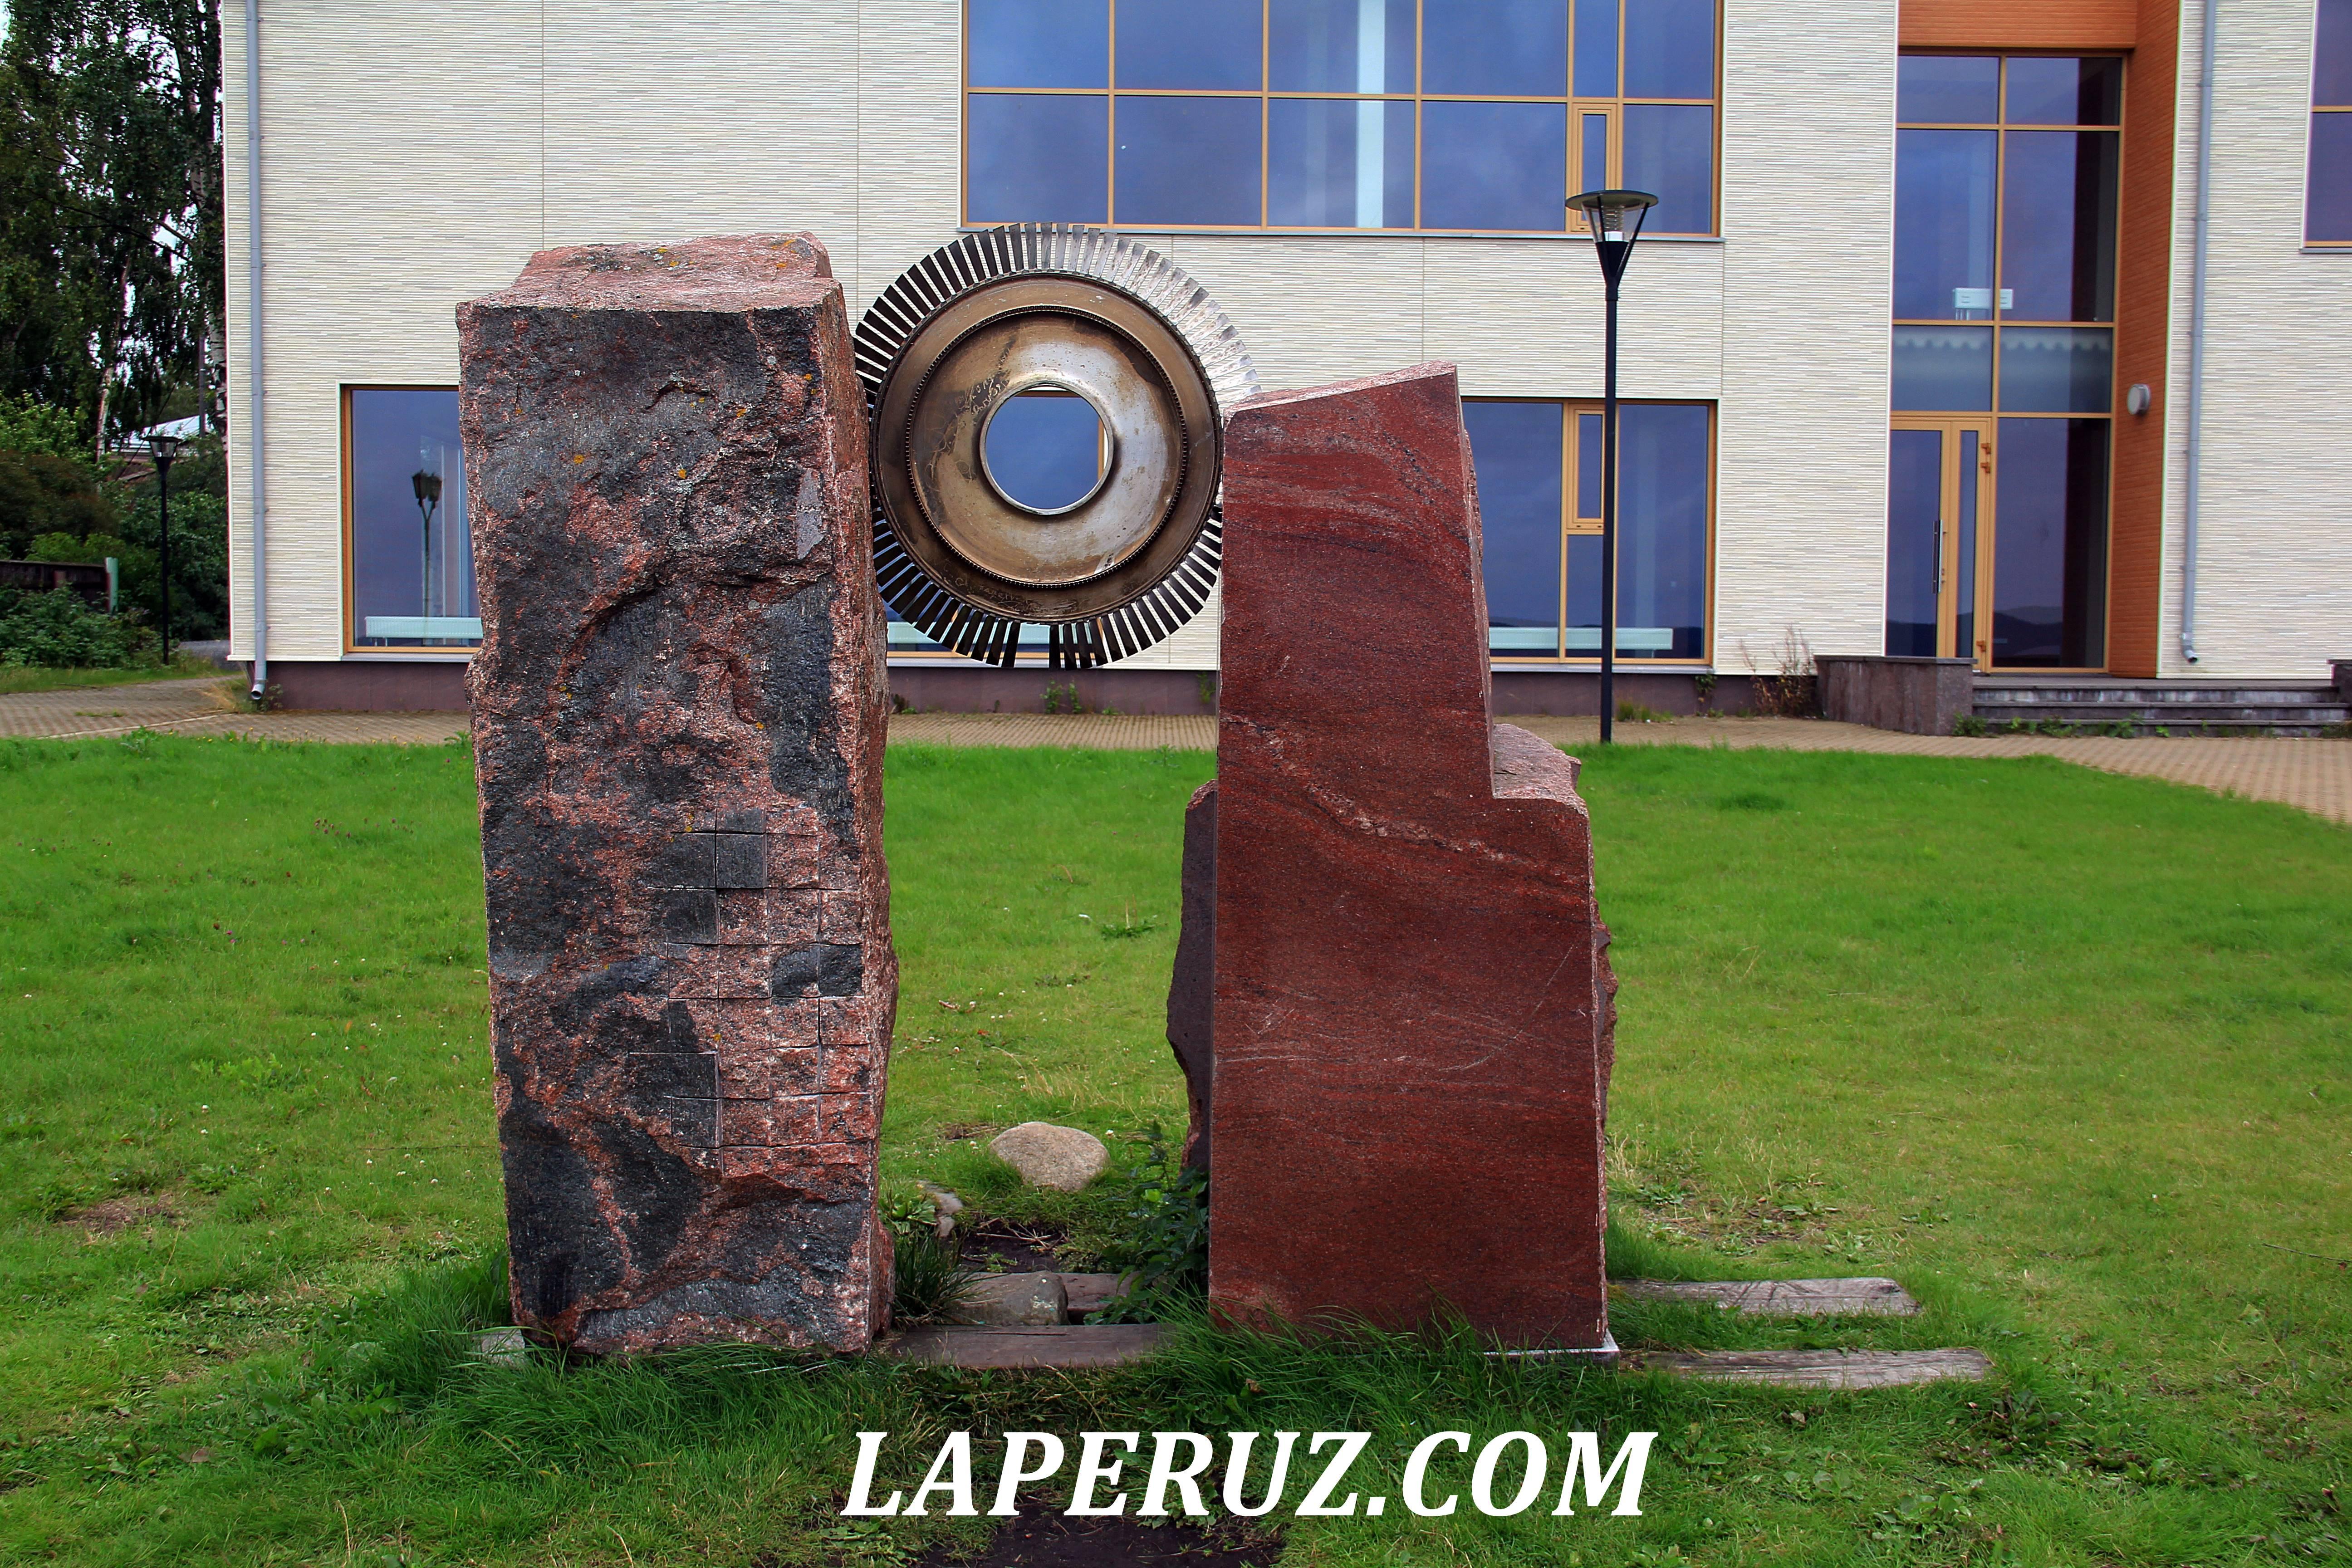 petrozavodsk_naberejnaya_kamennye_skulptury_2